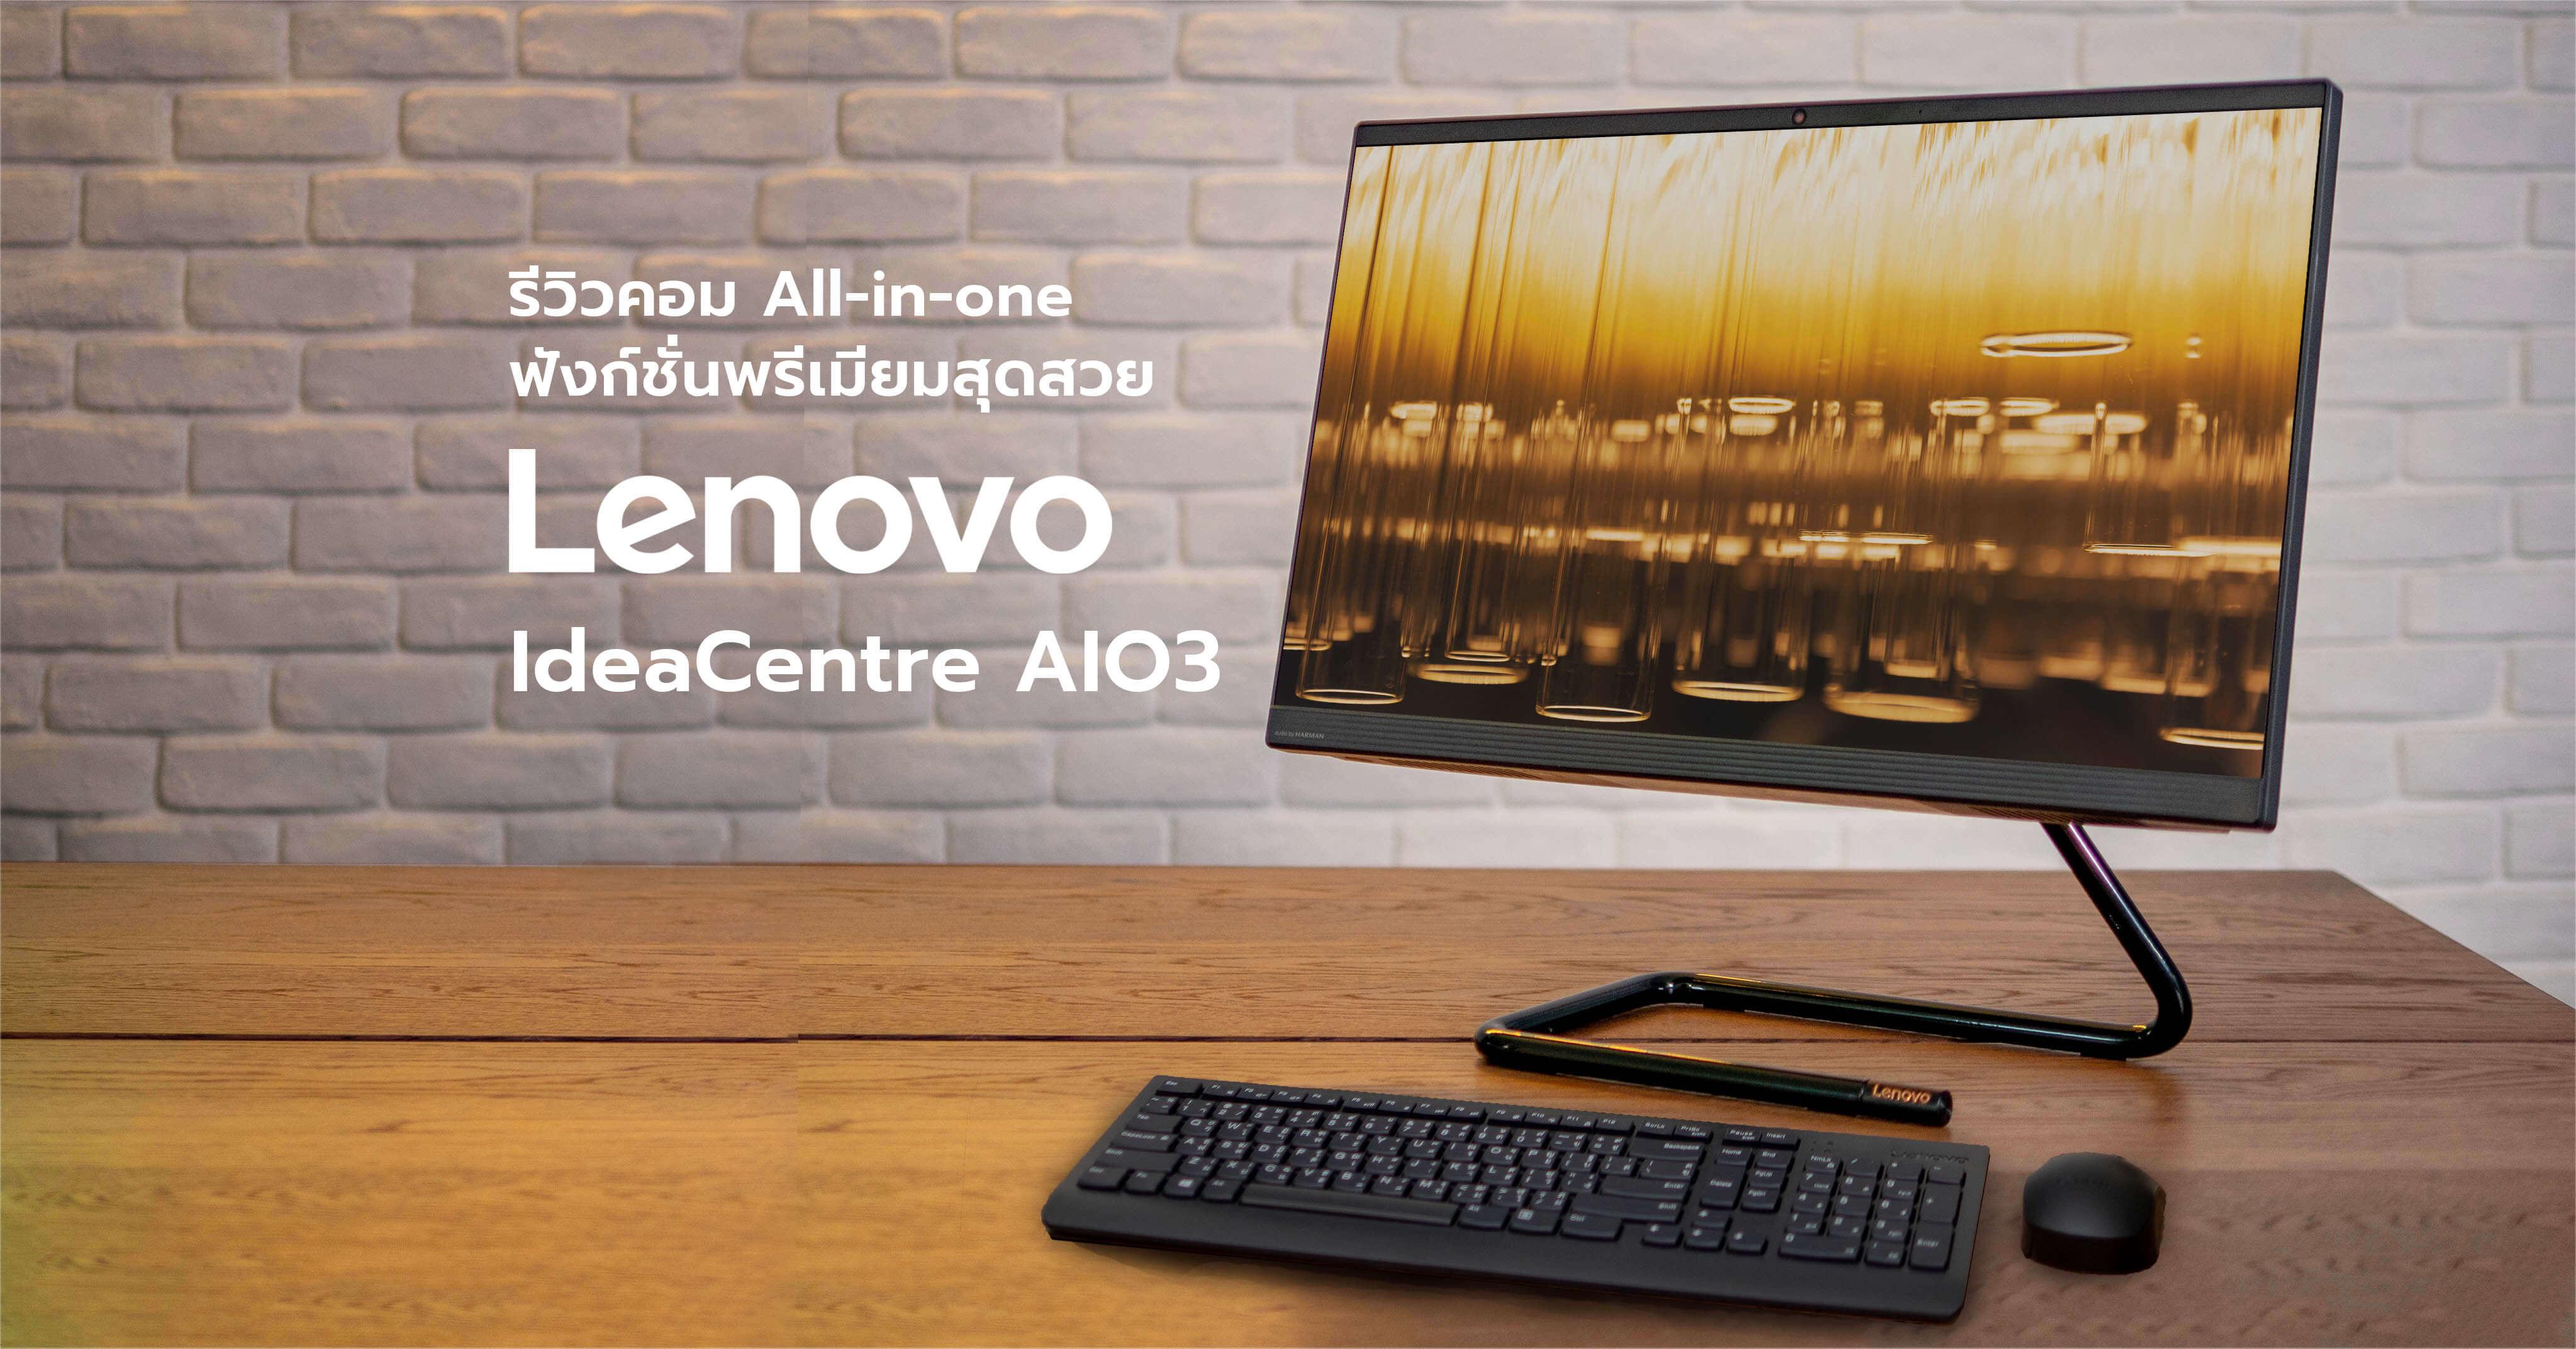 รีวิว LENOVO IdeaCentre AIO 3 คอมพิวเตอร์ All in One งดงาม ครบฟังก์ชันเพียง ฿16,990 13 - Lenovo